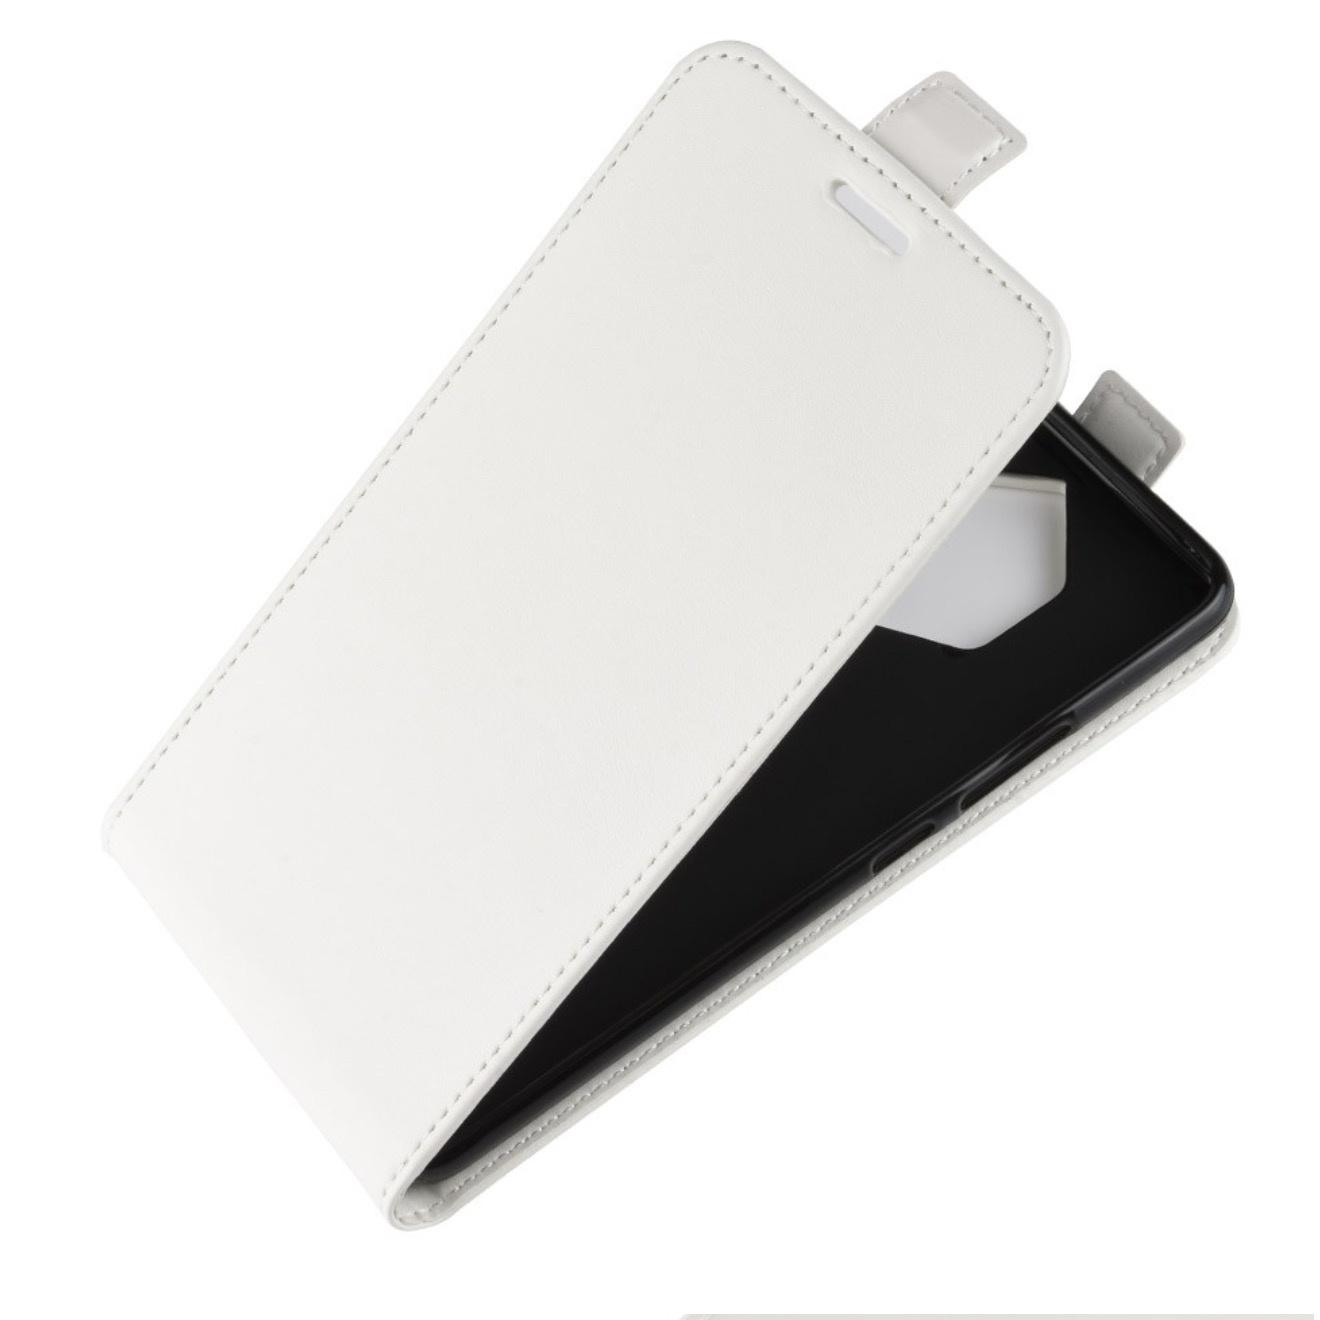 Чехол-флип MyPads для Asus Zenfone 5 A500CG/A501CG вертикальный откидной белый чехол для для мобильных телефонов oem asus zenfone 5 asus zenfone5 a500cg asus zenfone 5 case